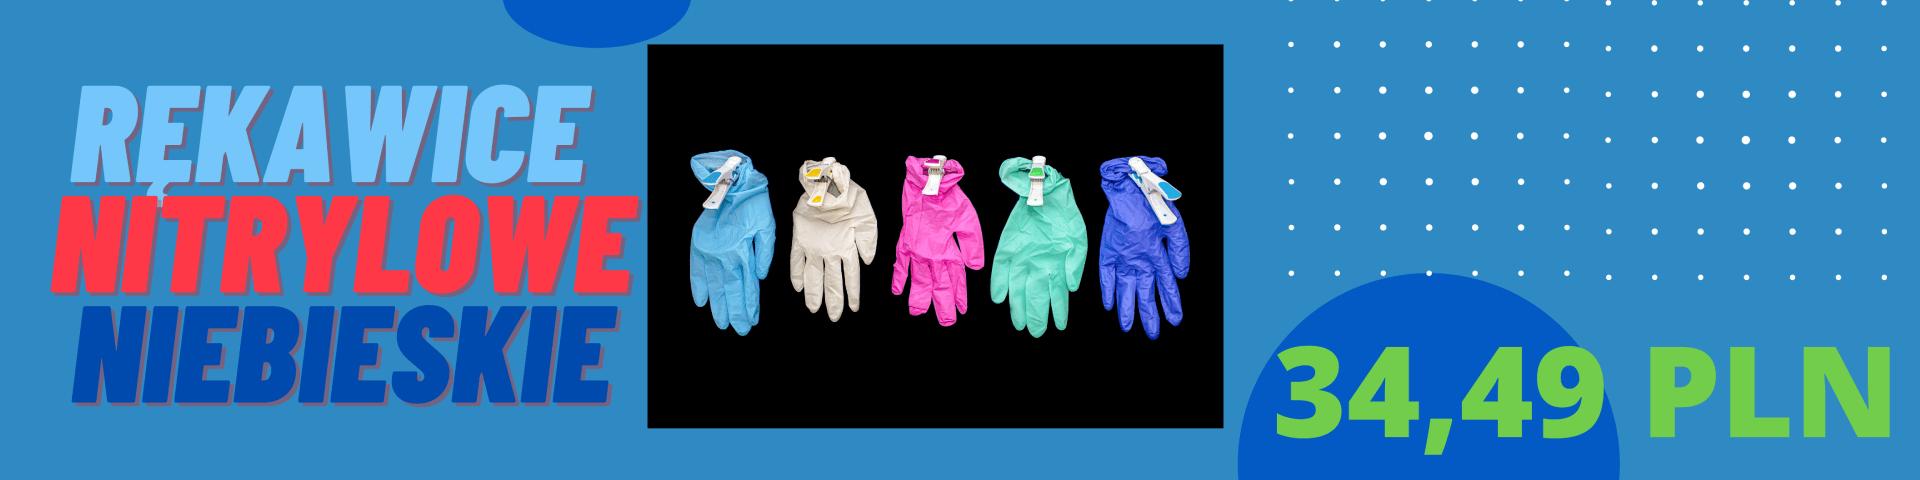 Rękawice nitrylowe niebieskie promocja